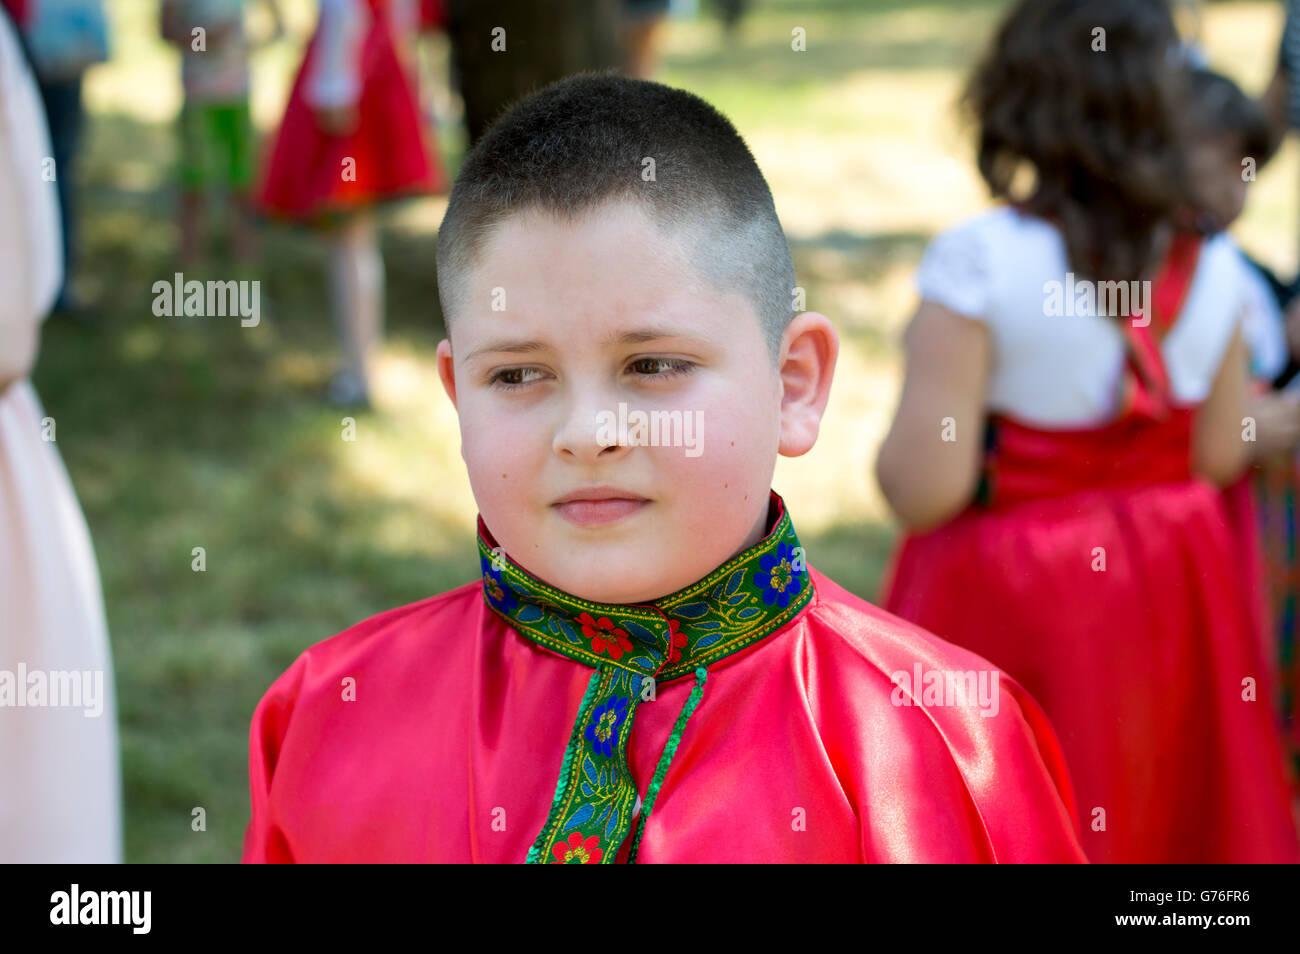 Le garçon dans la chemise russe pendant les vacances Photo Stock